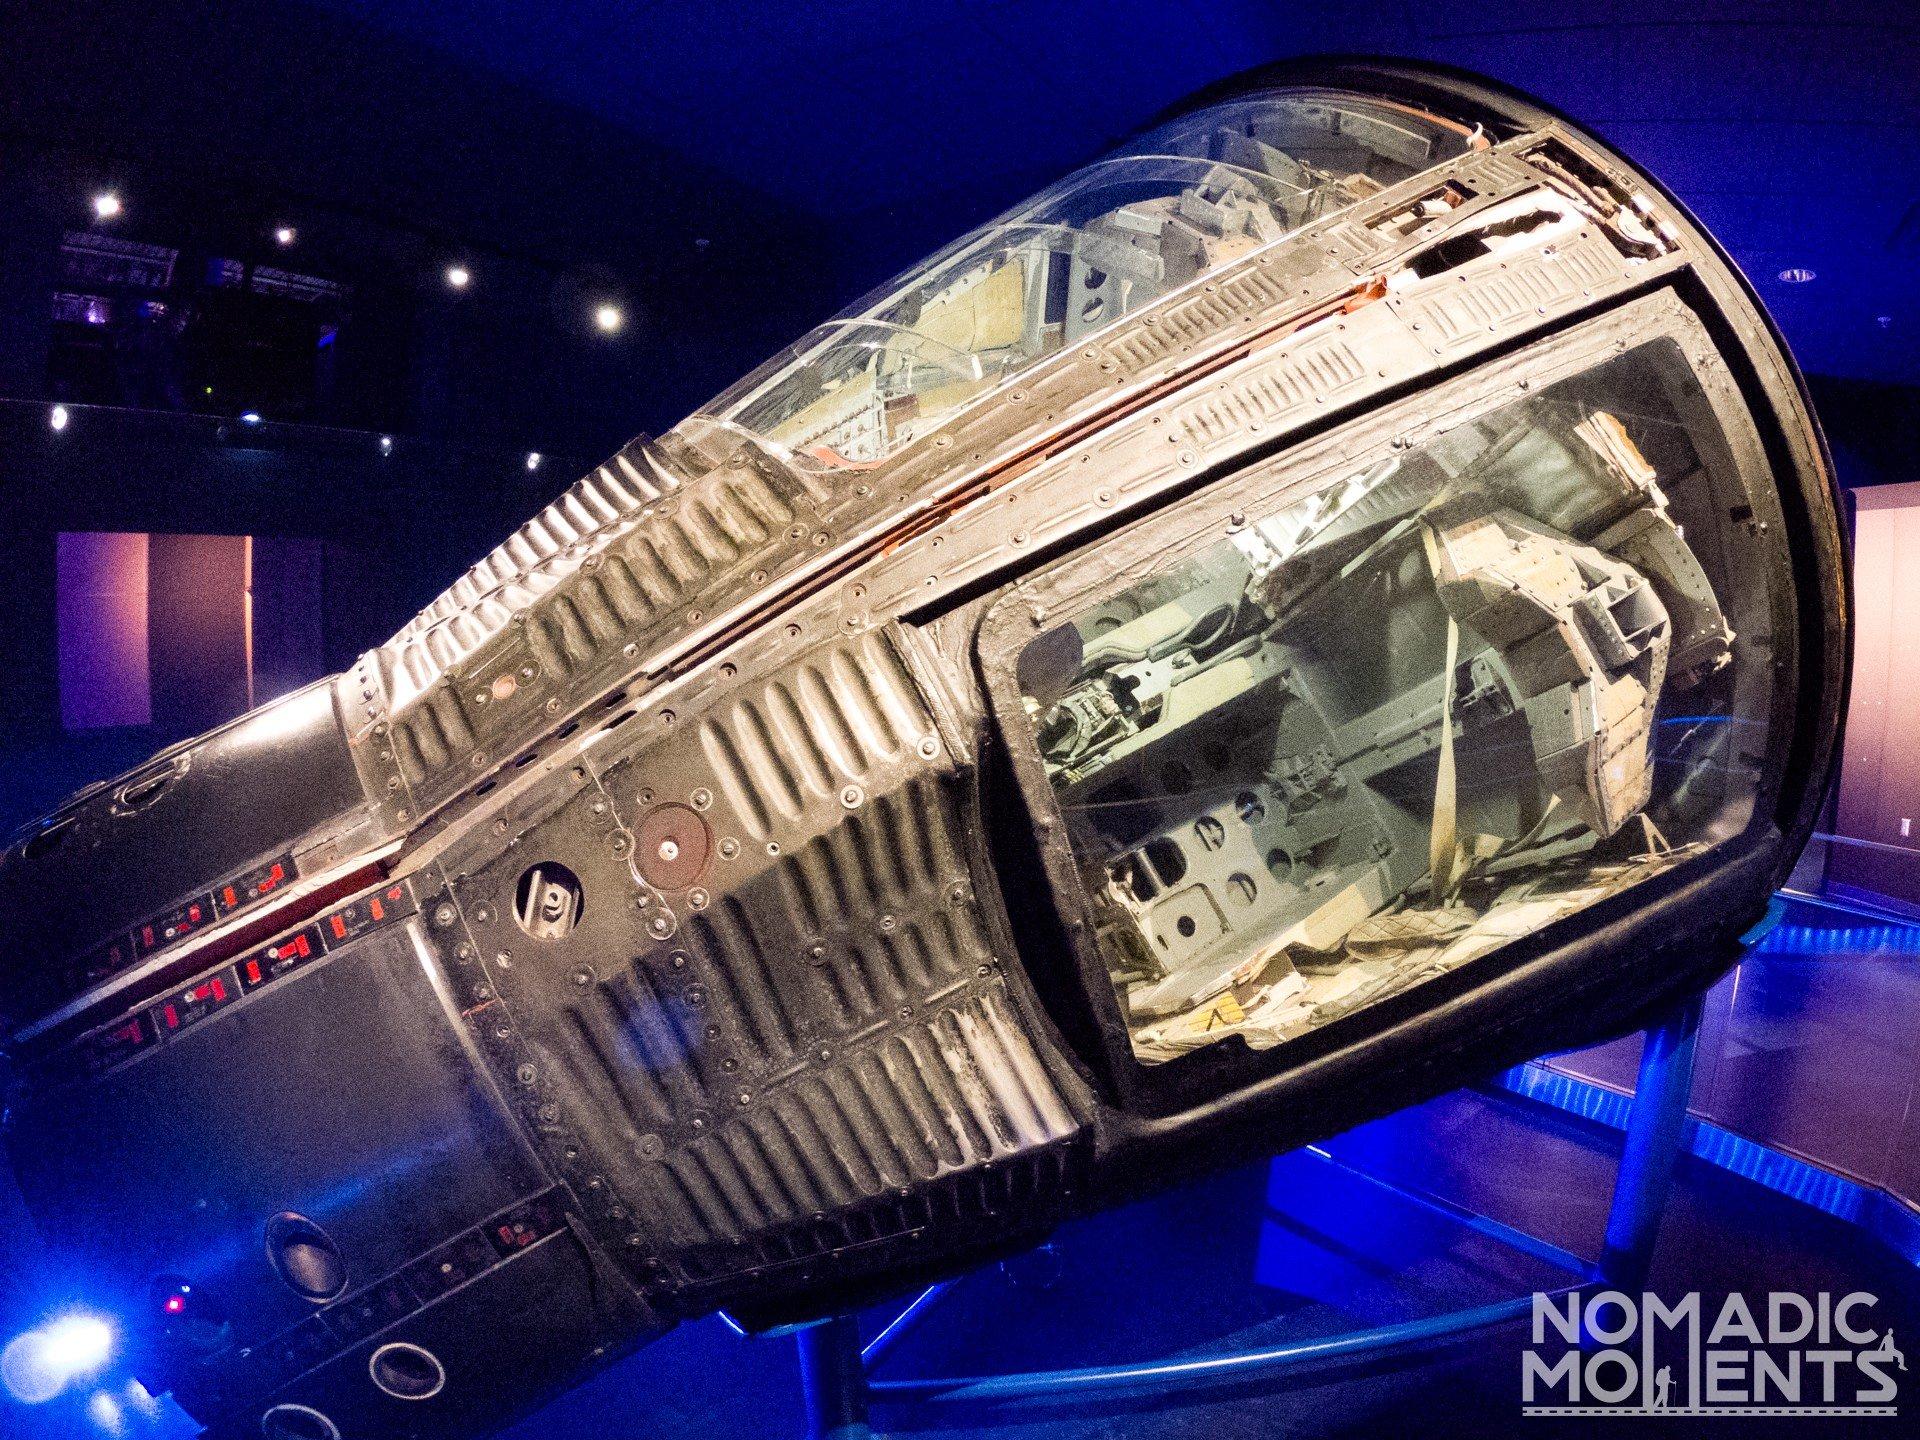 Gemini IX Capsule